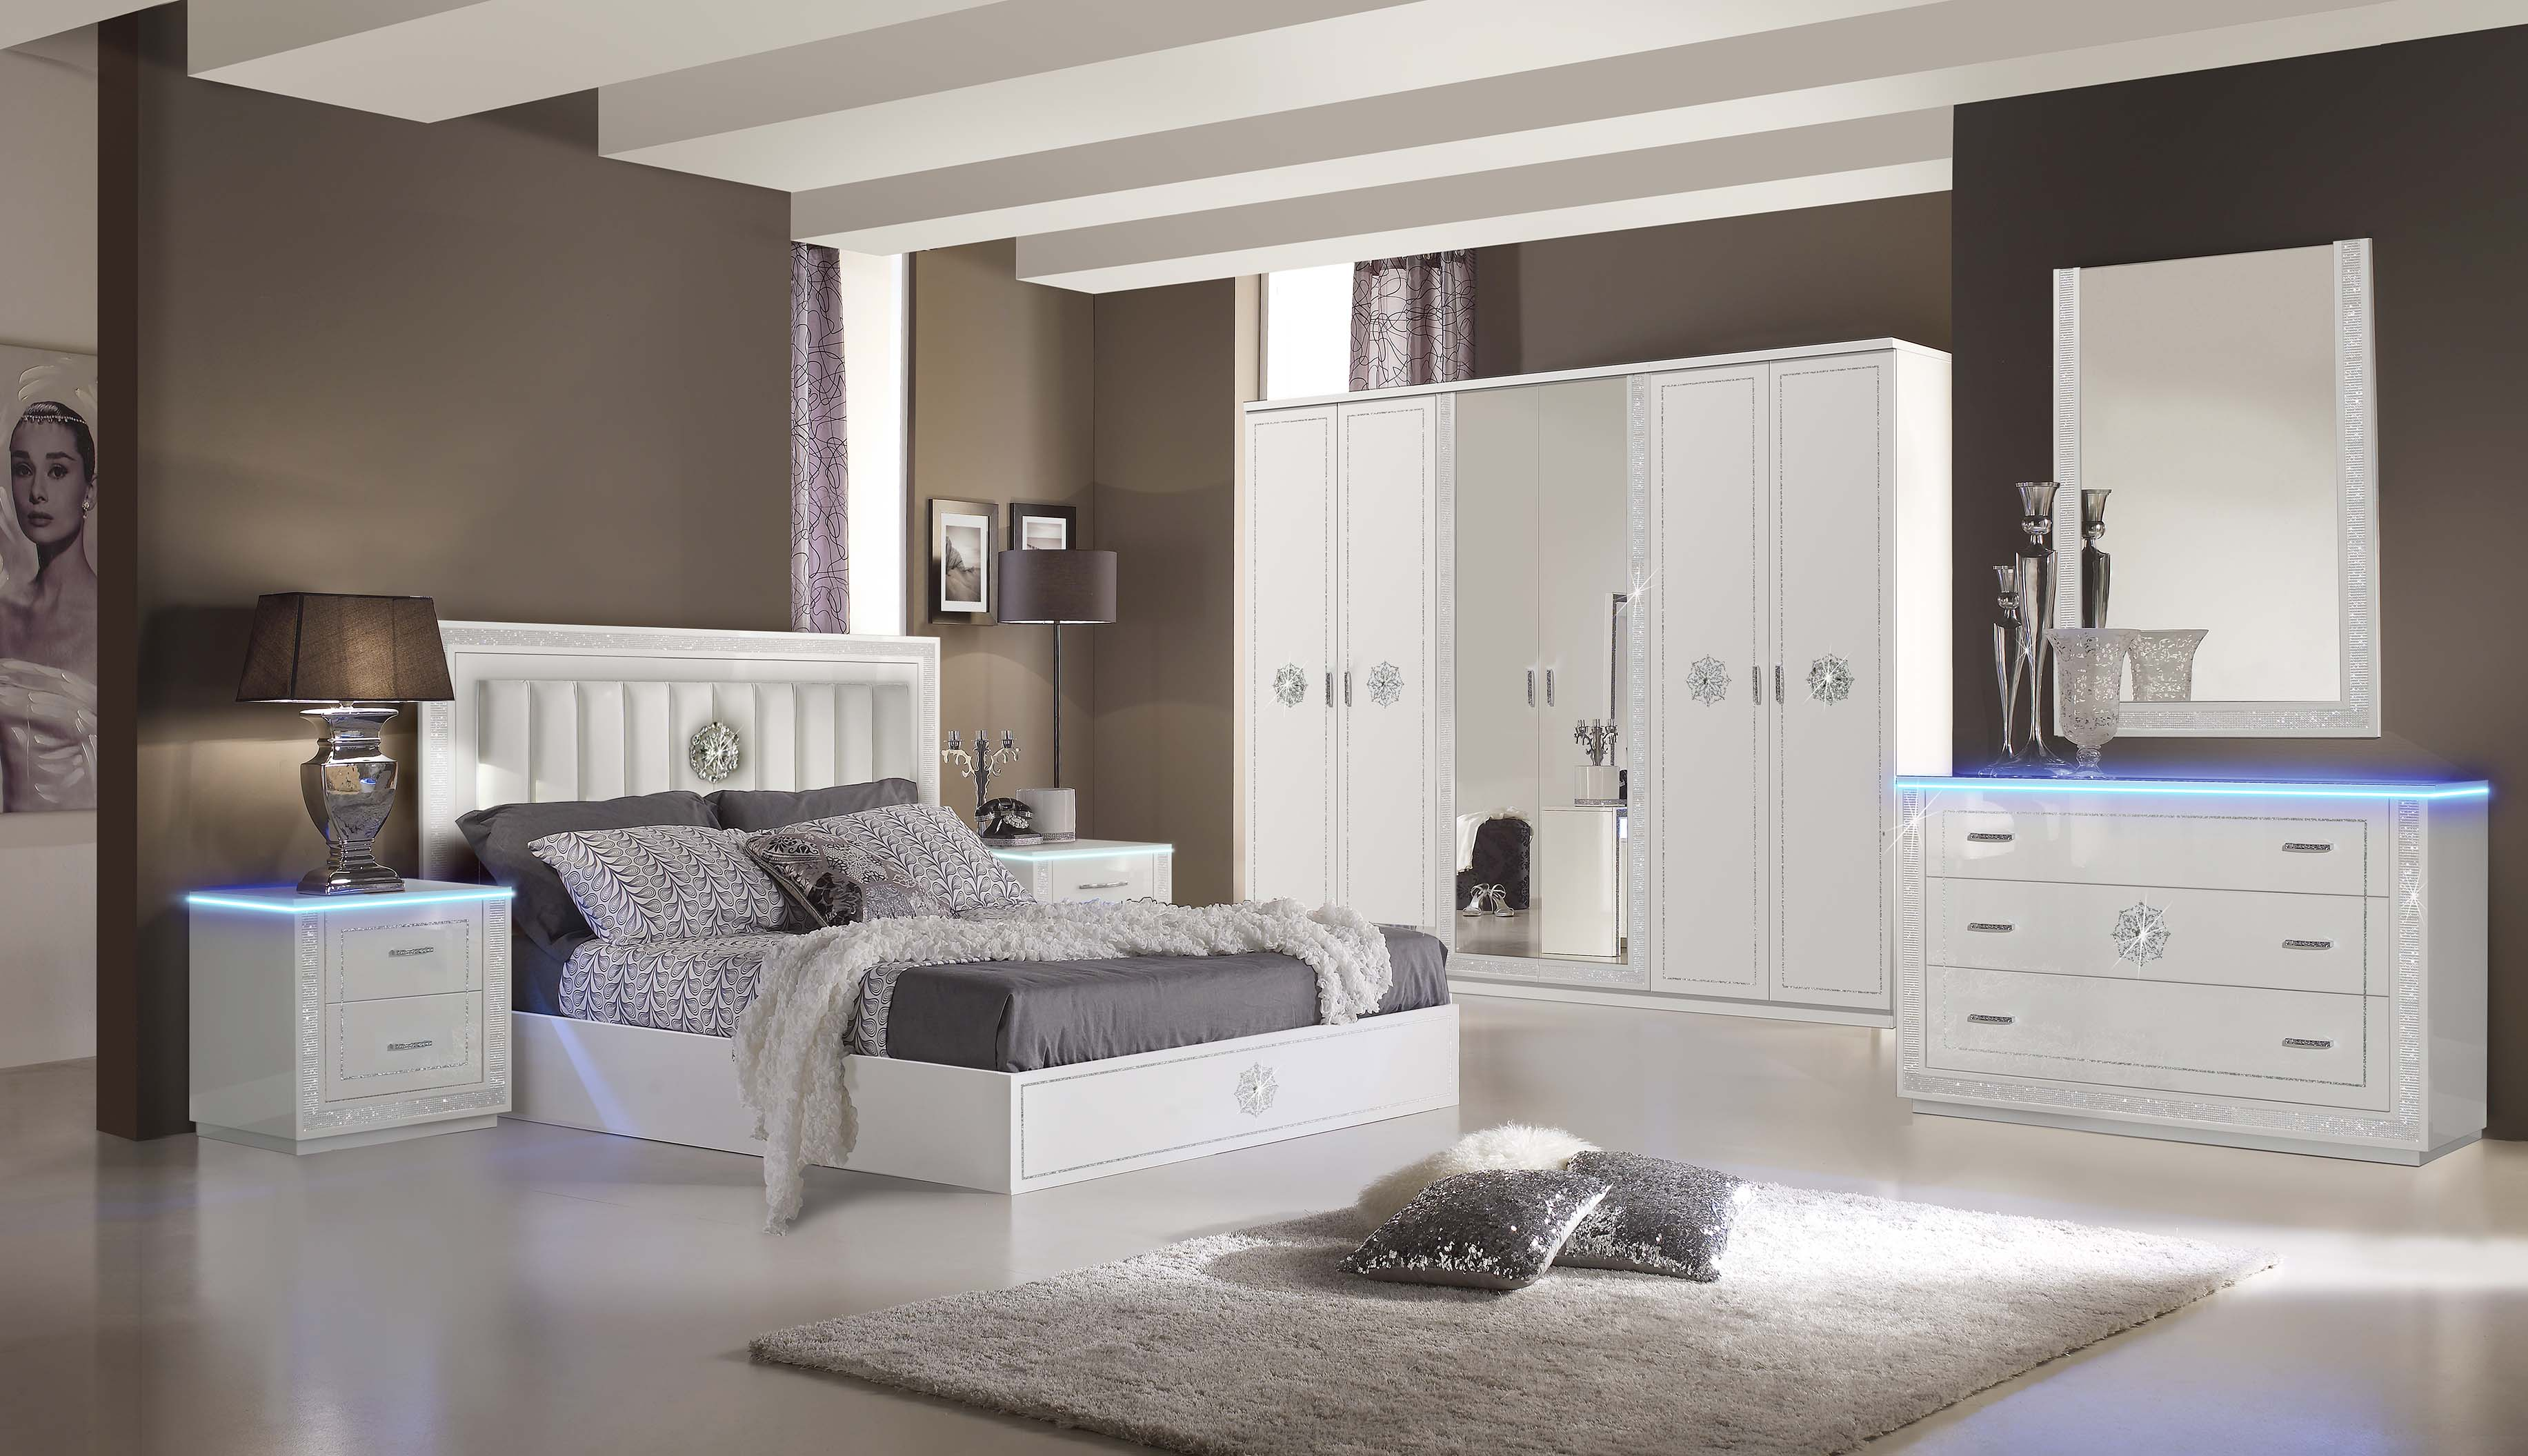 Schlafzimmer Set Cristal 180 x 200cm in Weiss Modern Design - Kaufen ...